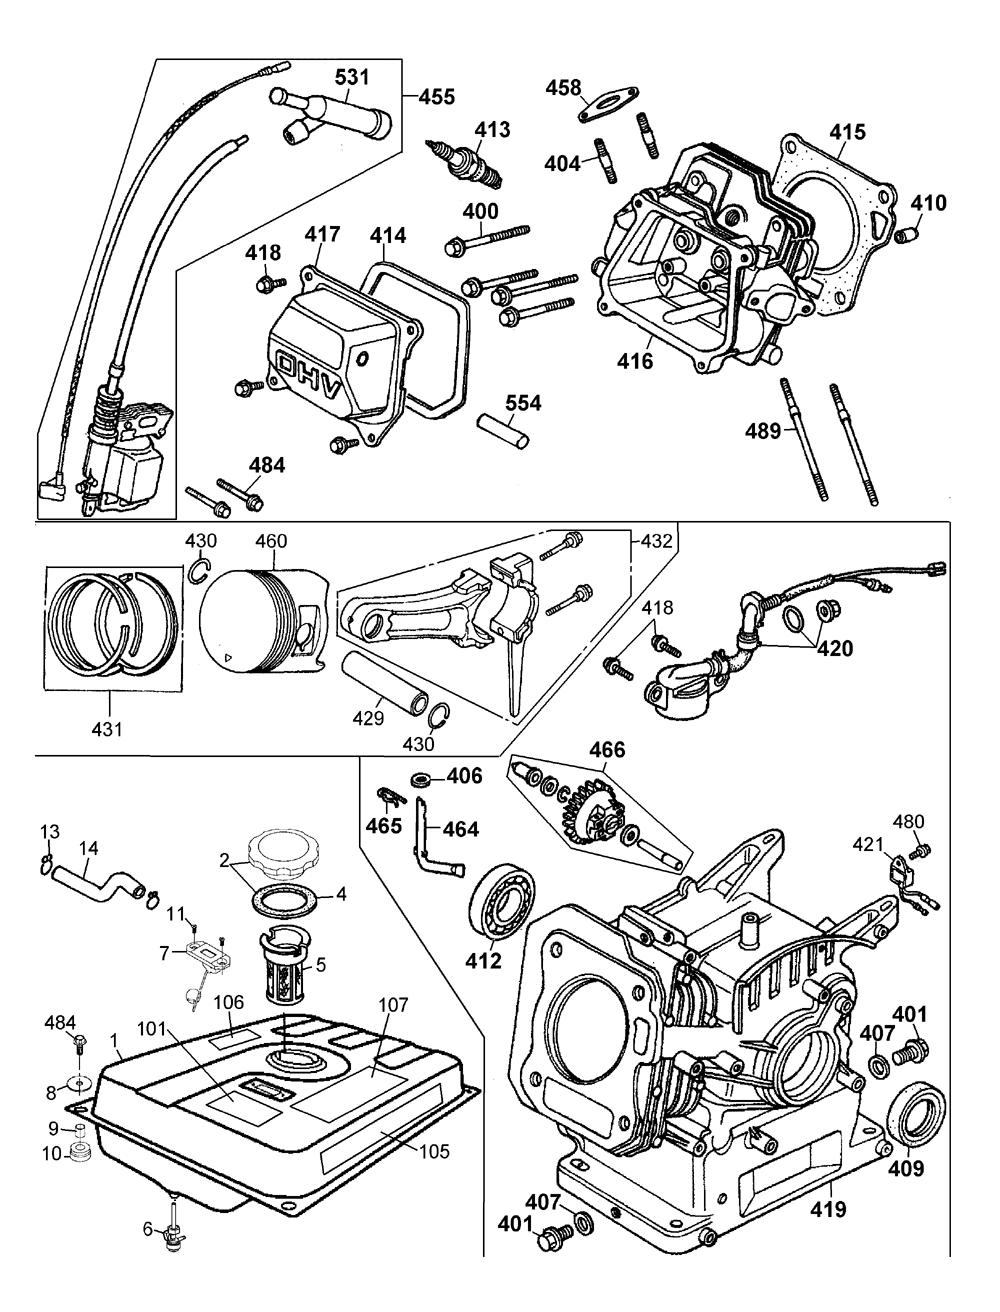 Gl1100 engine diagram in addition kawasaki kz750 additionally lexus gs engine diagram wiring schemes in addition